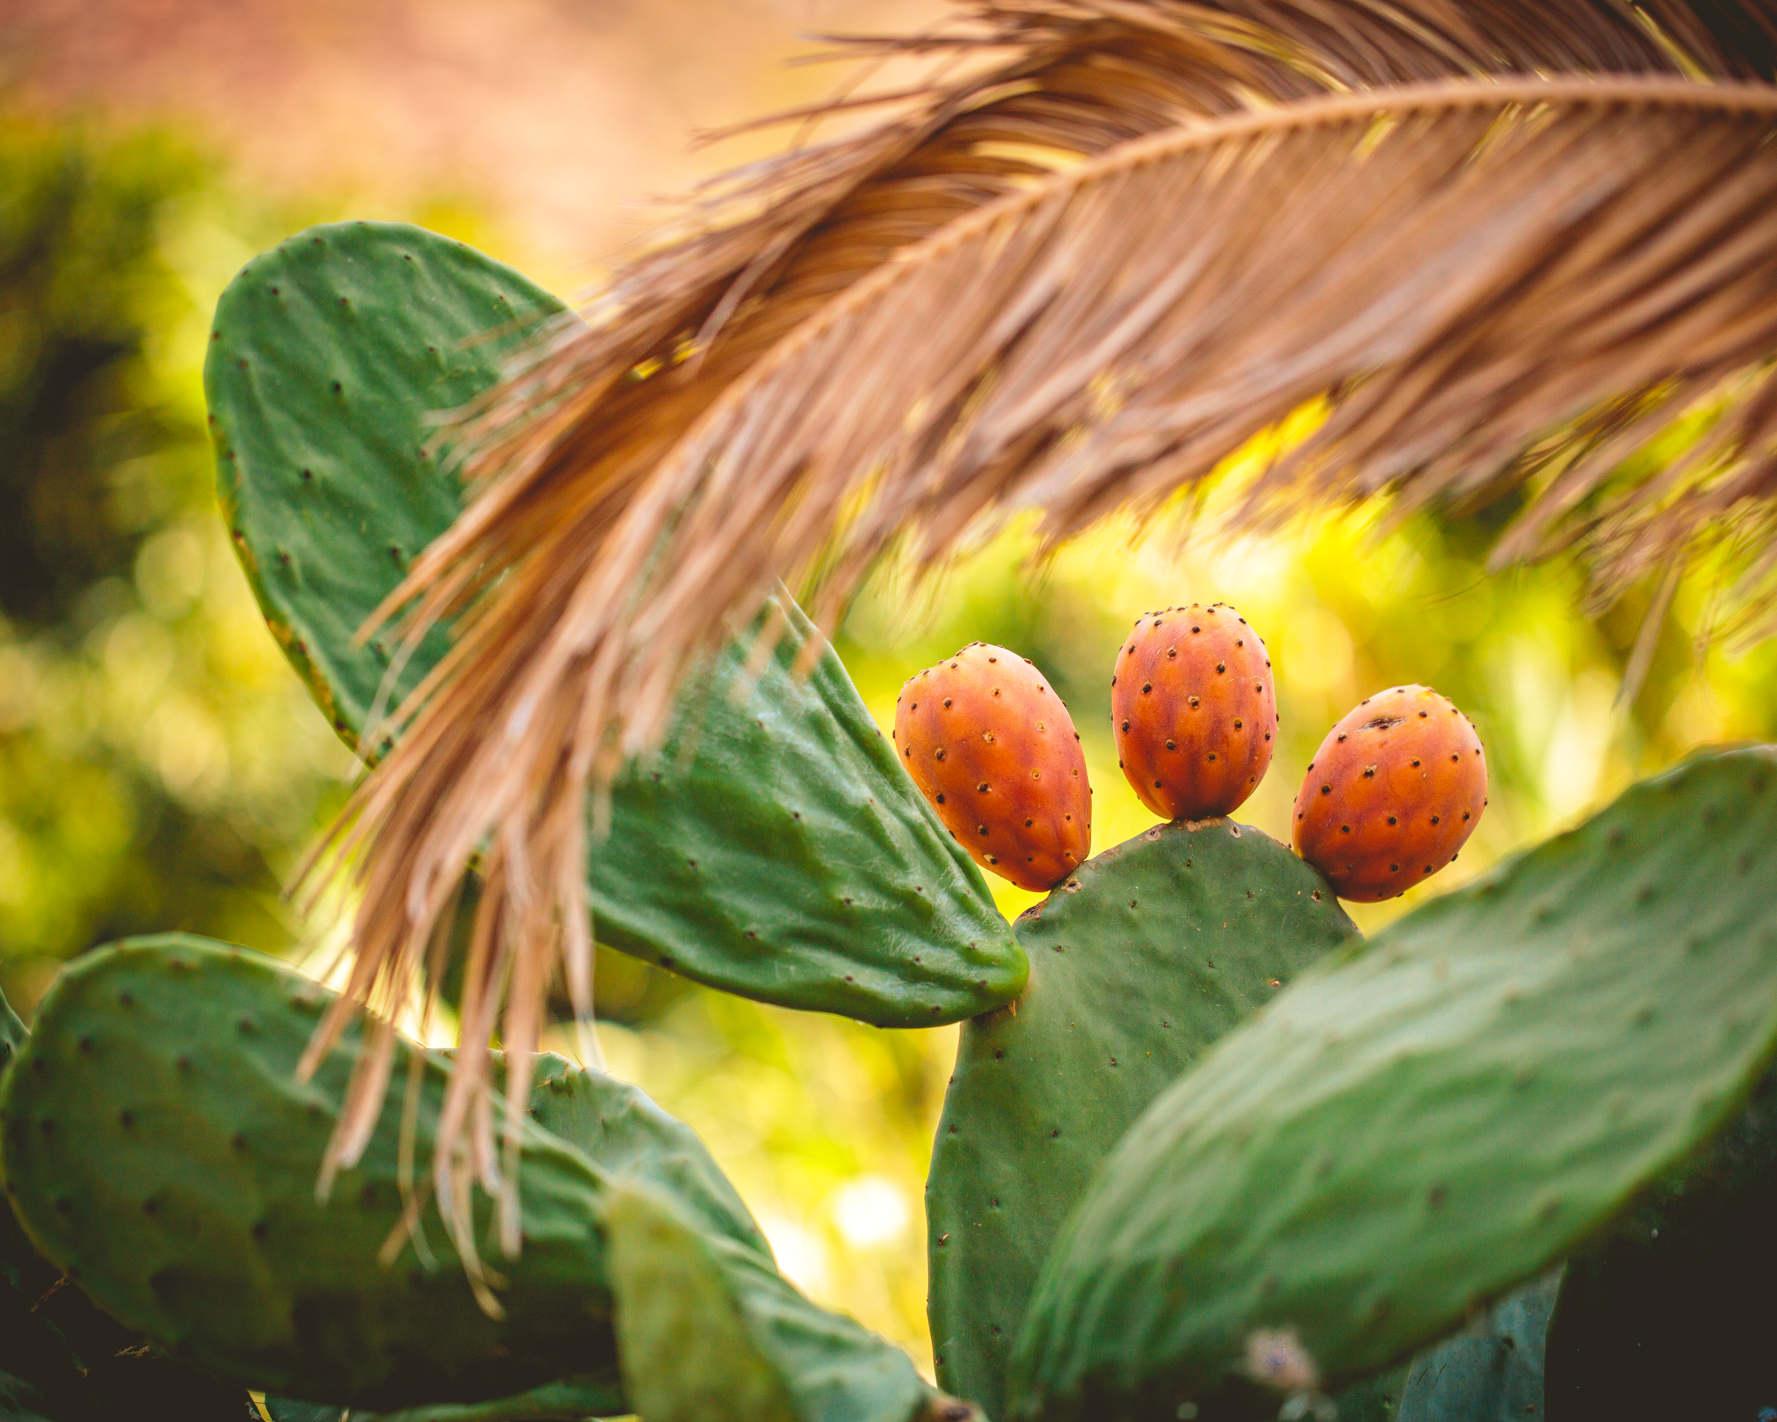 Einige bunte, reife Kaktusfeigen am Stamm